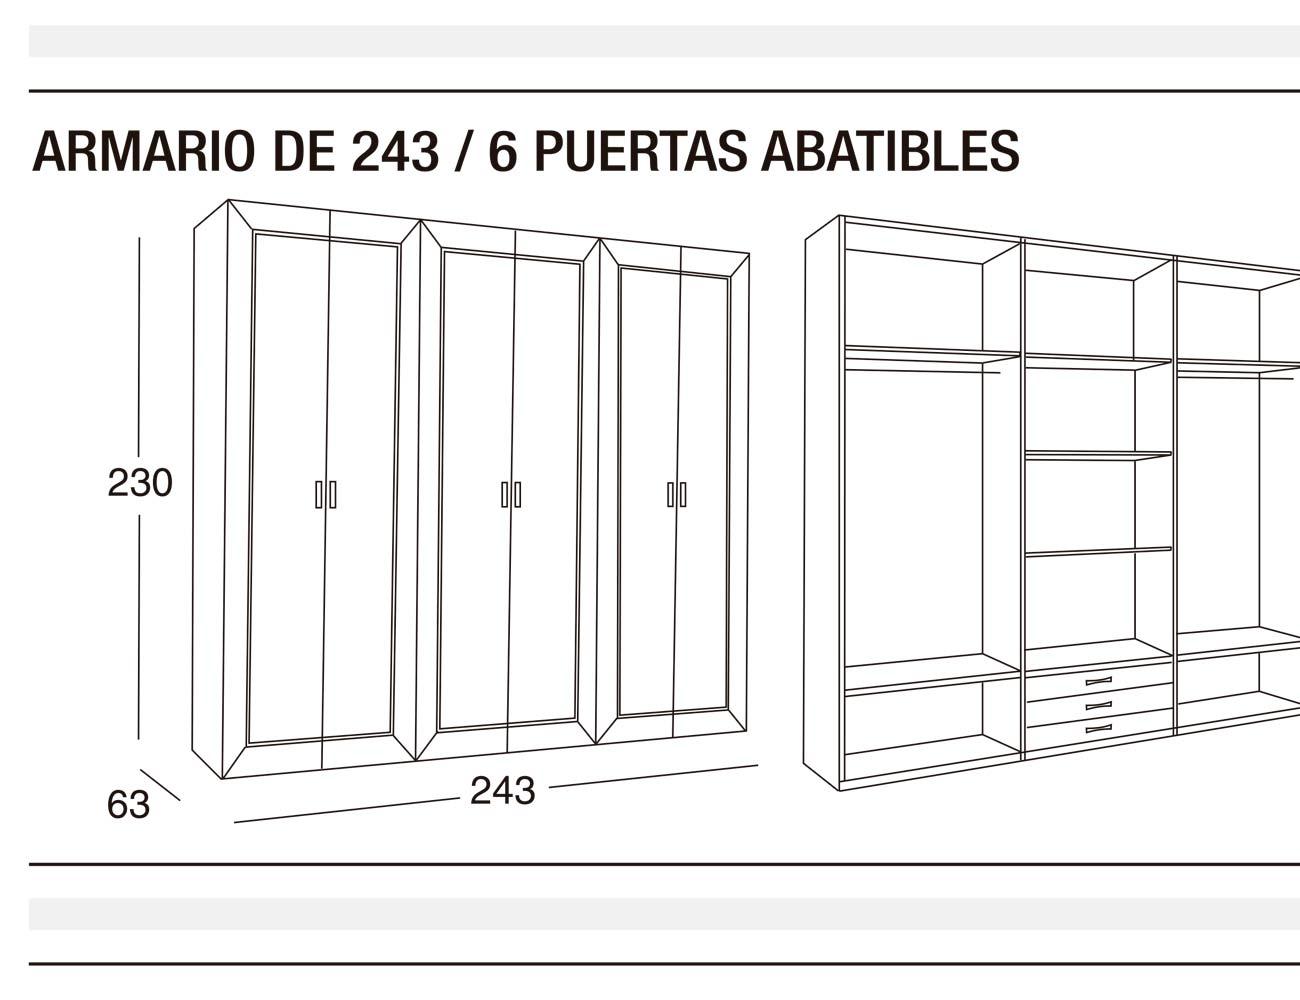 Armario 243 p abatibles